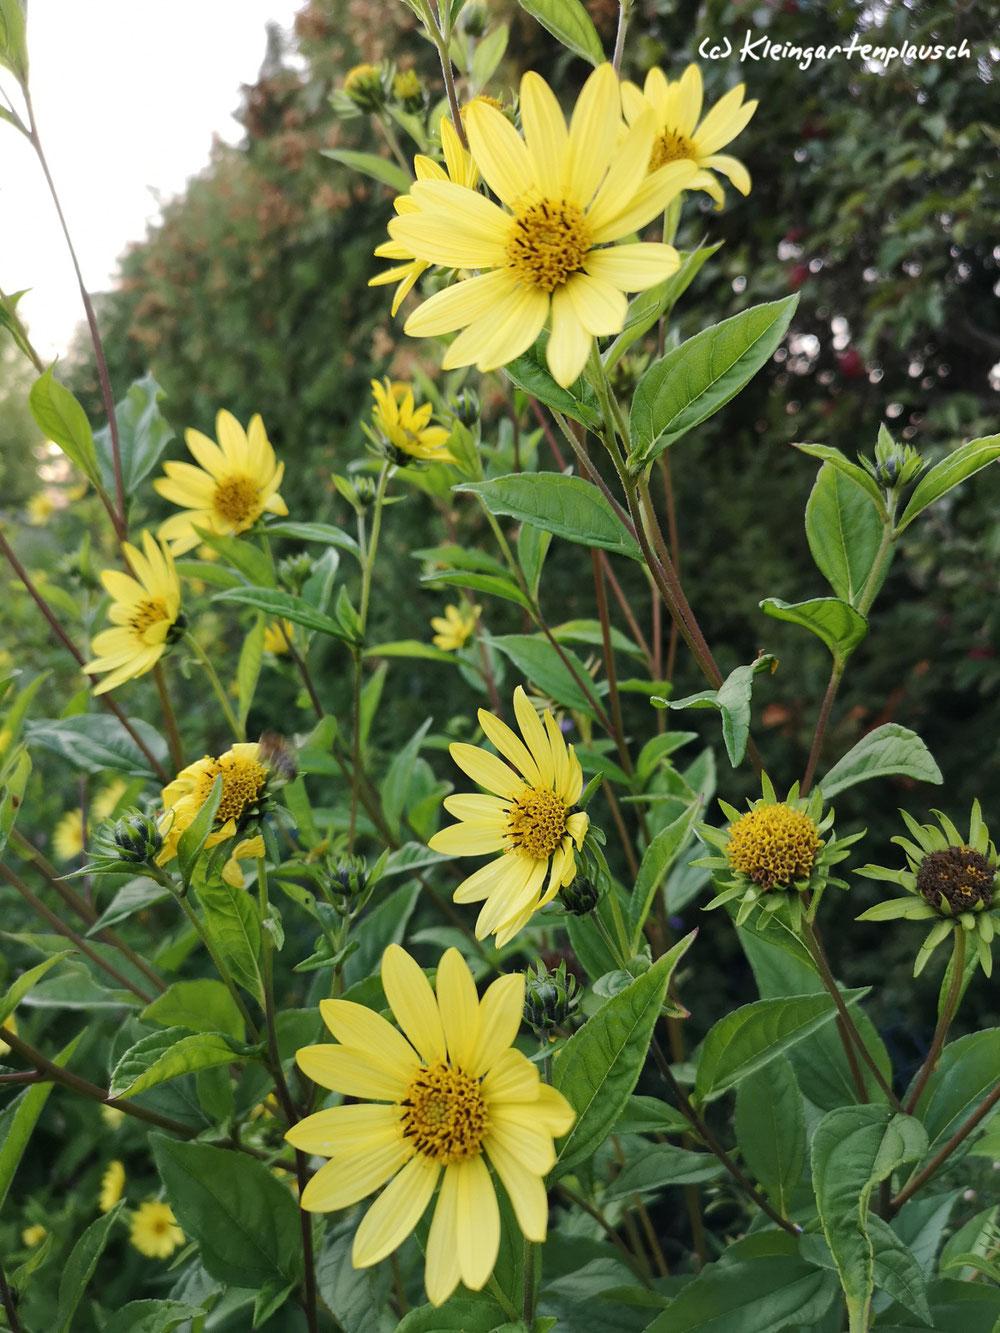 """Sonnenblume Helianthus microceohalus  """"Lemon Queen"""" ist unsere Expertin in Sachen Sichtschutz und in SachenDurchsetzung: Wie halte ich gegenüber einer Thuja Stand?"""